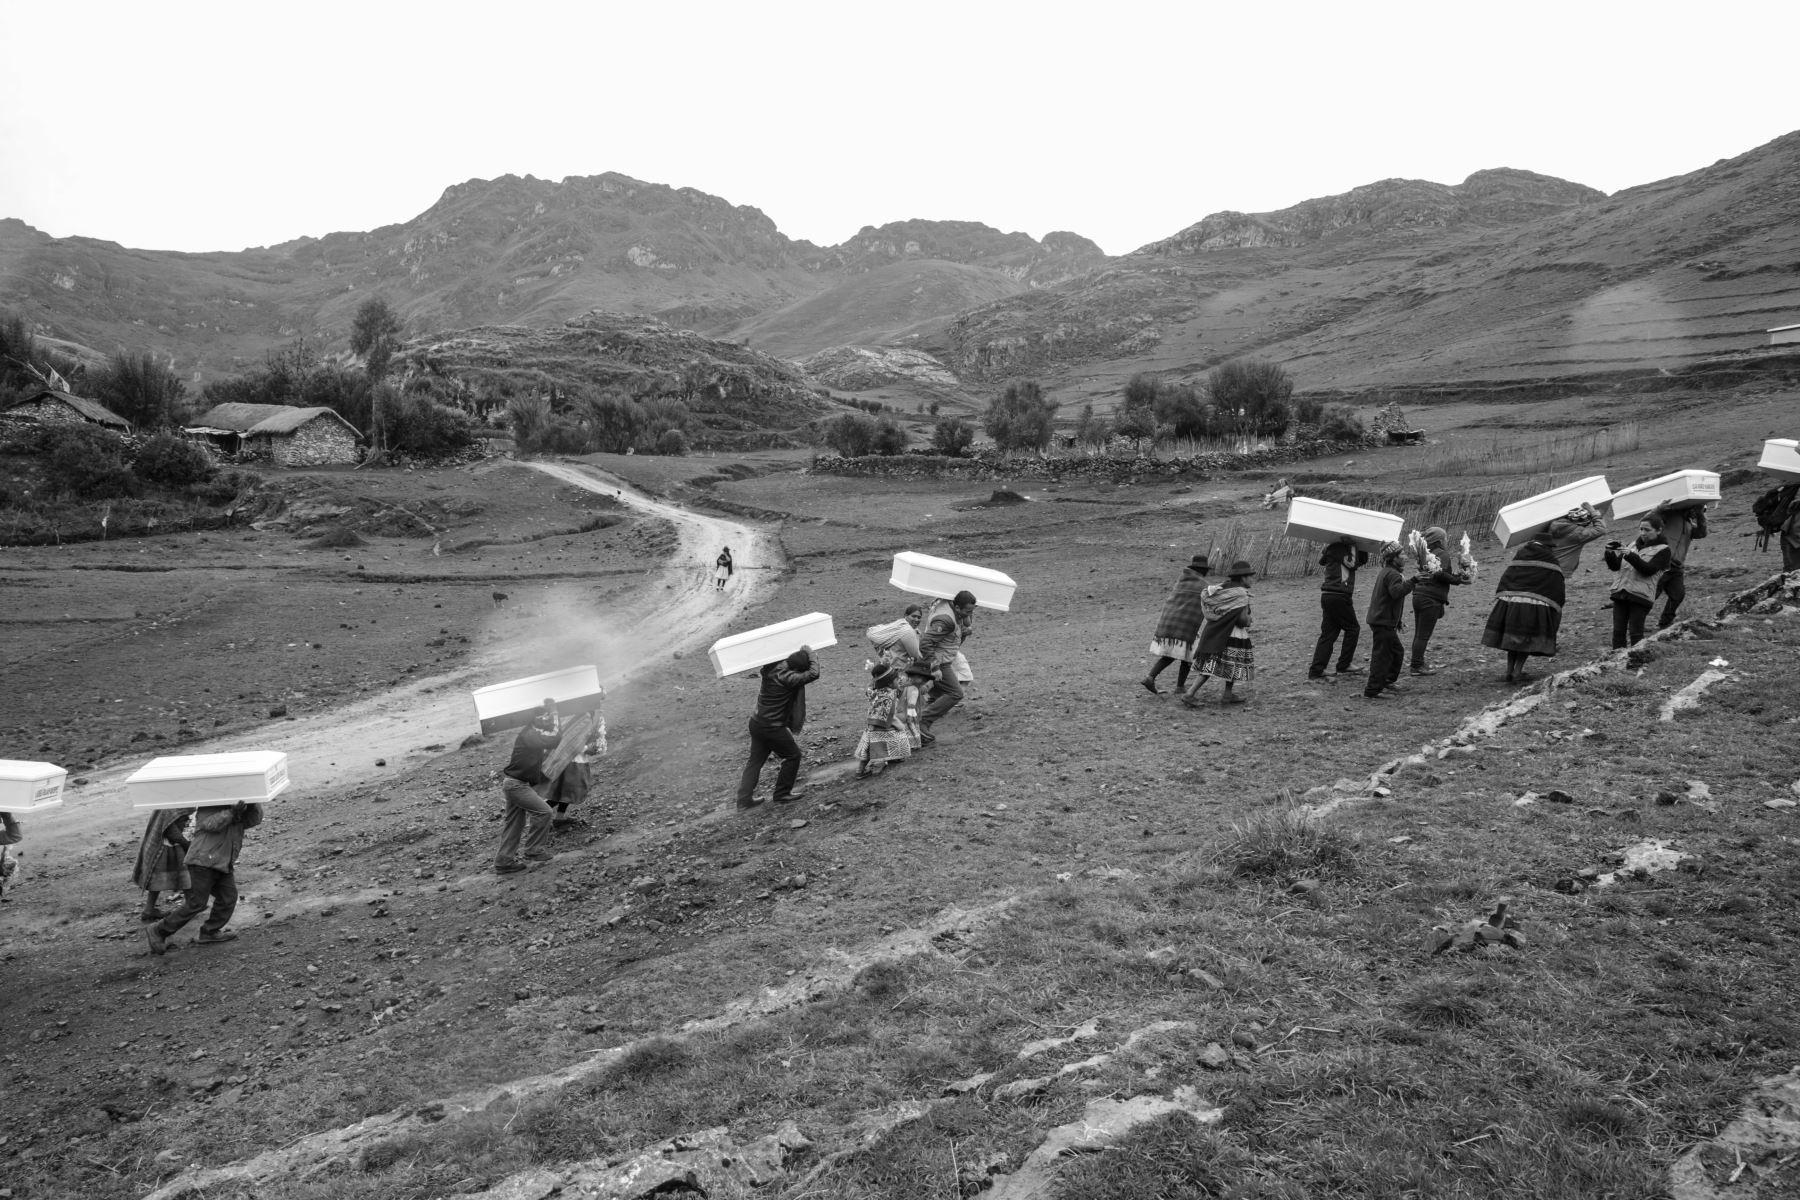 Los restos de los 26 comuneros de Llacchua, víctimas de Sendero Luminoso, son cargados en hombro por sus familiares para llevarlos a su ultima morada. Foto: ANDINA/Jack Ramón